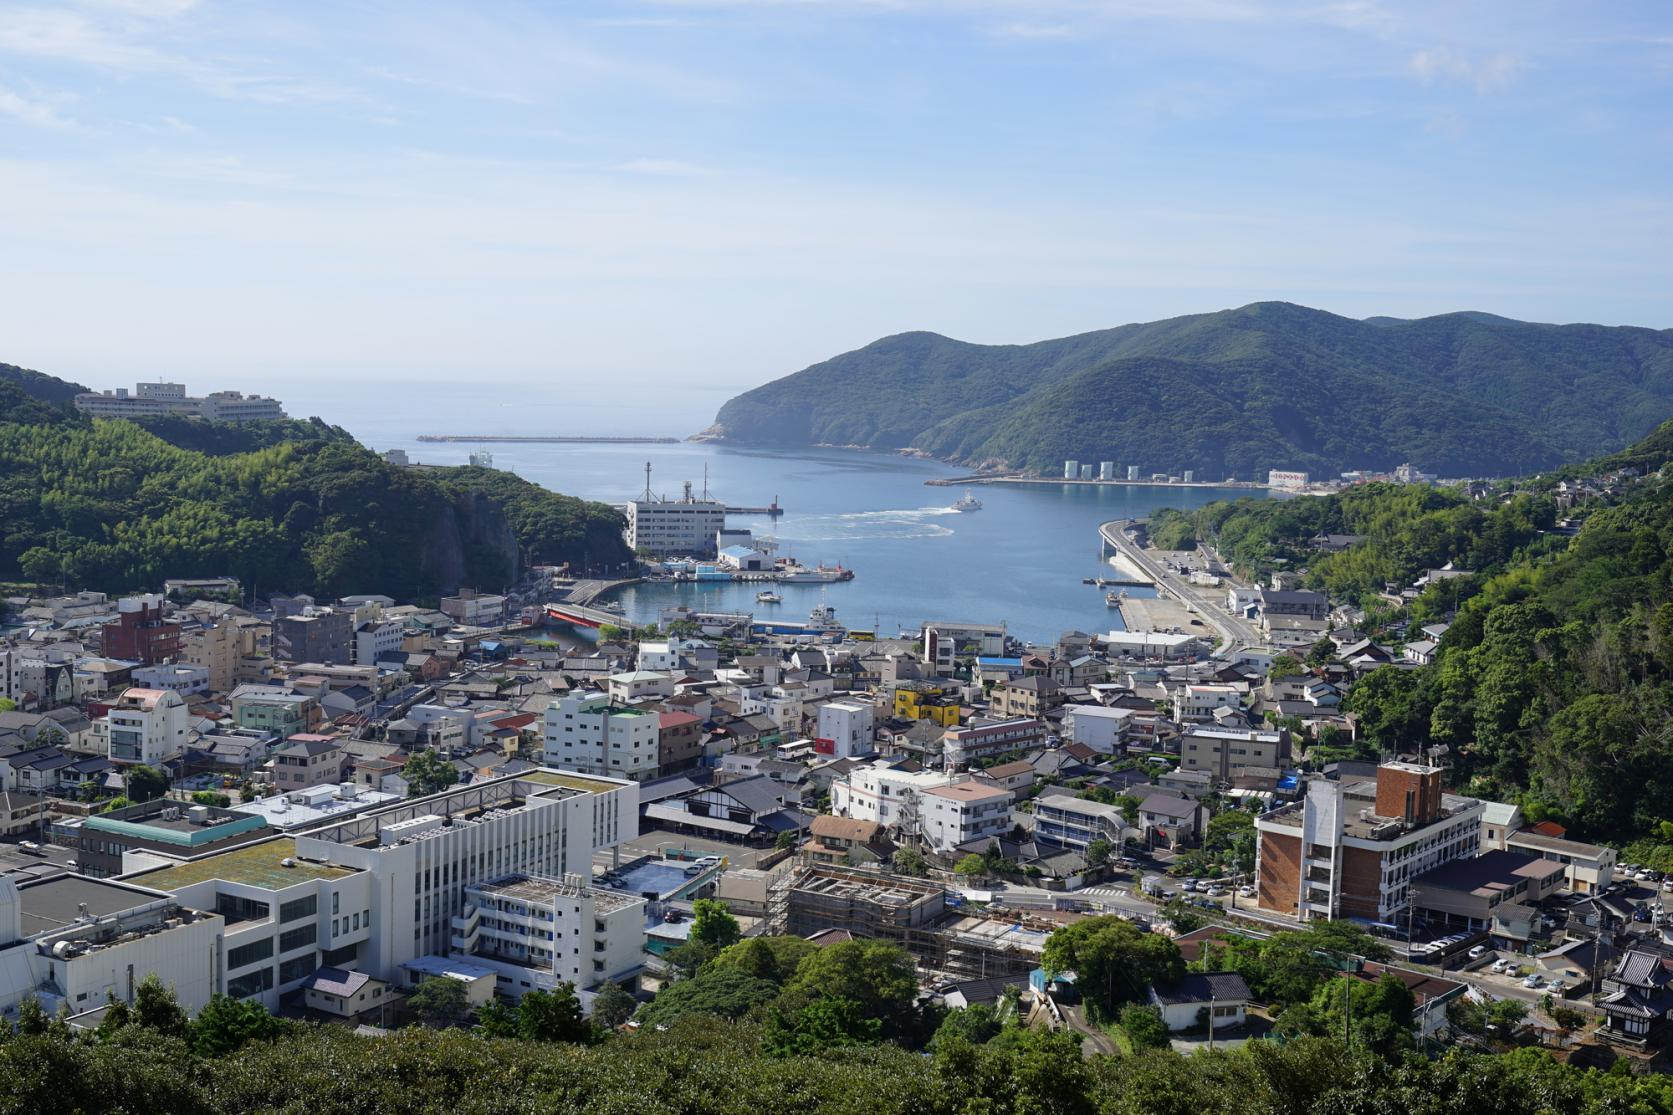 【1日目】博多港(福岡)から厳原港(対馬)へ-1